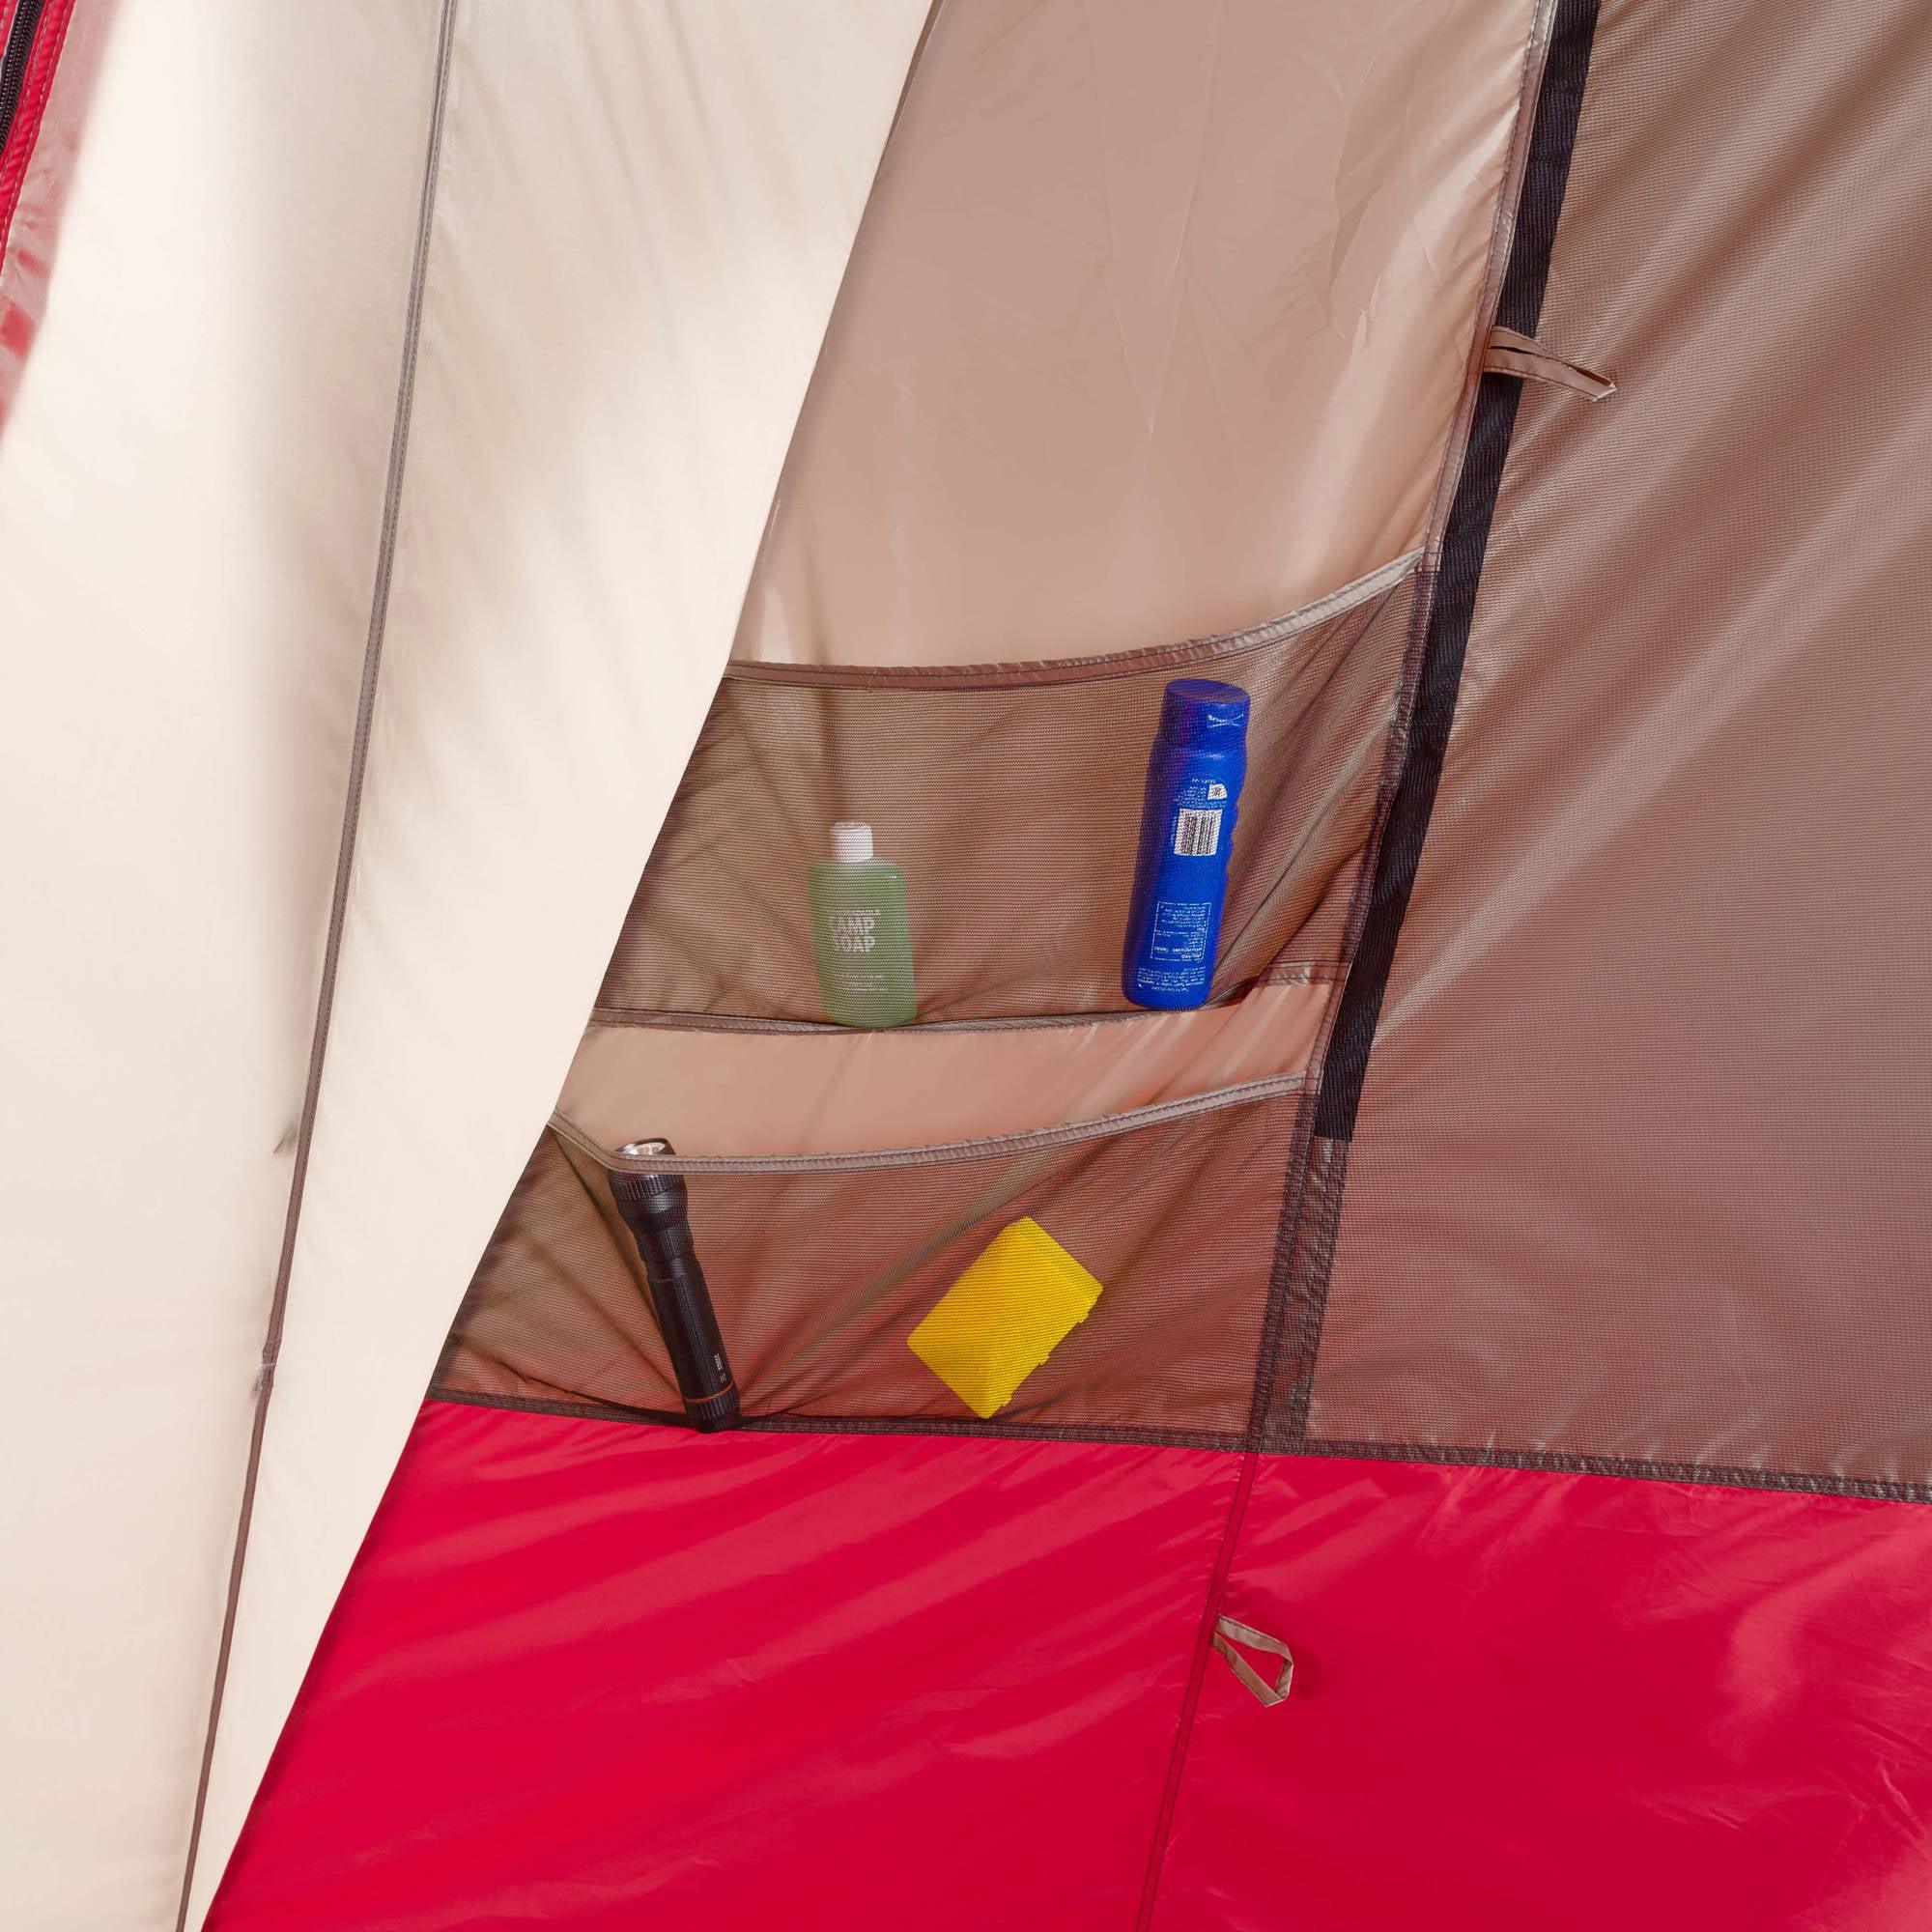 Ozark Trail 15 personas 3 habitaciones Split Plan cabina instantánea tienda + Ozark Trail en Veo y Compro